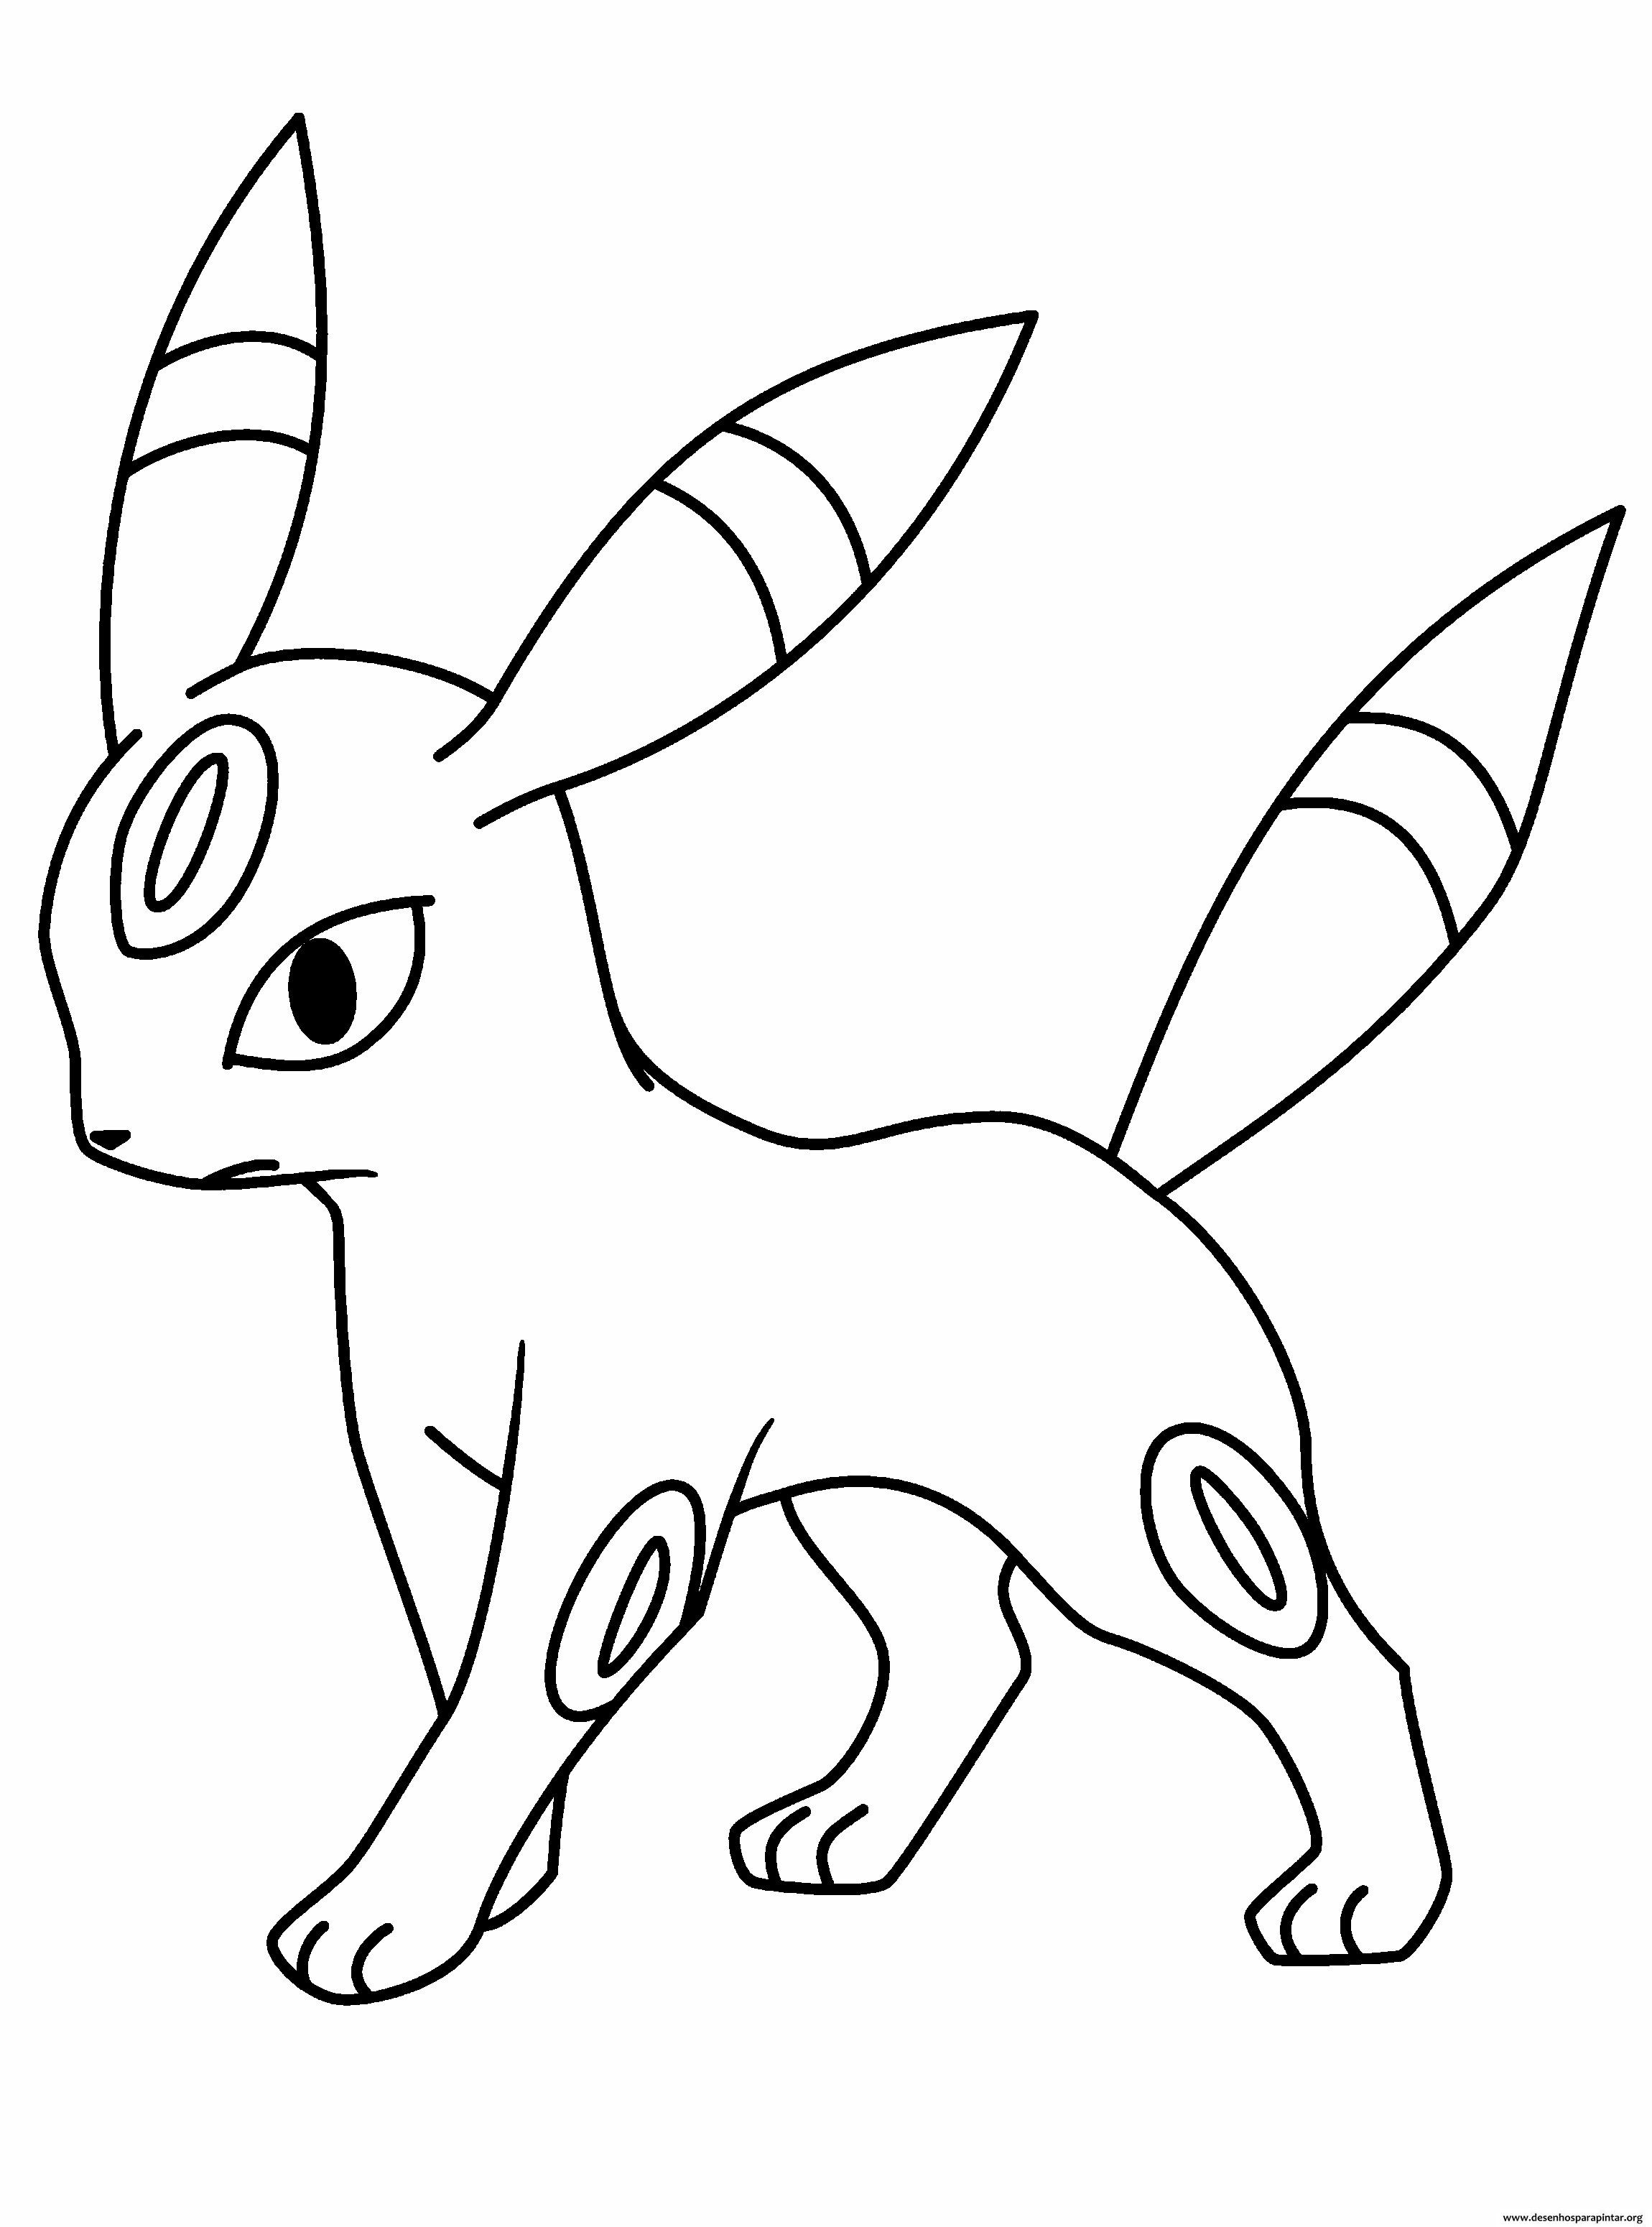 pokemon_desenhos_imprimir_colorir_pintar-_coloring_pages12